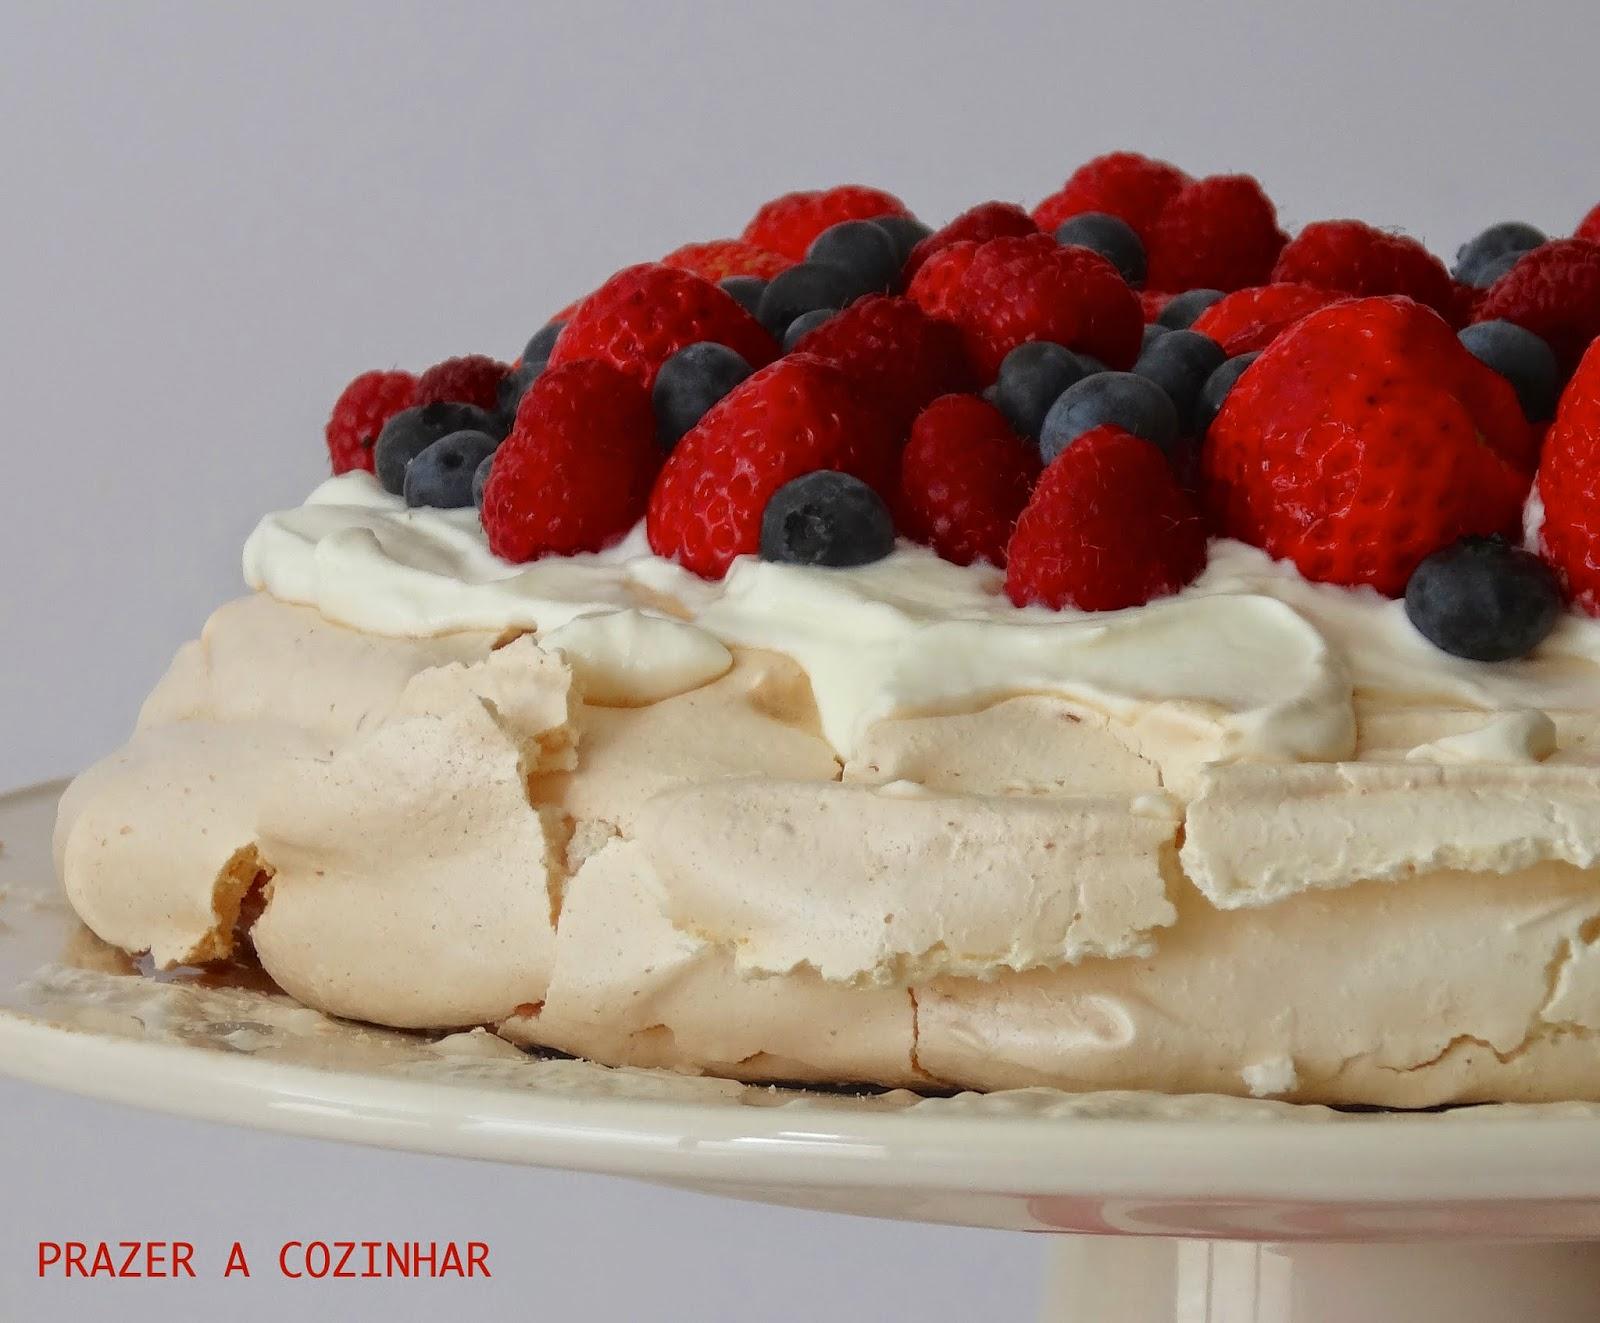 prazer a cozinhar - Pavlova de frutos vermelhos